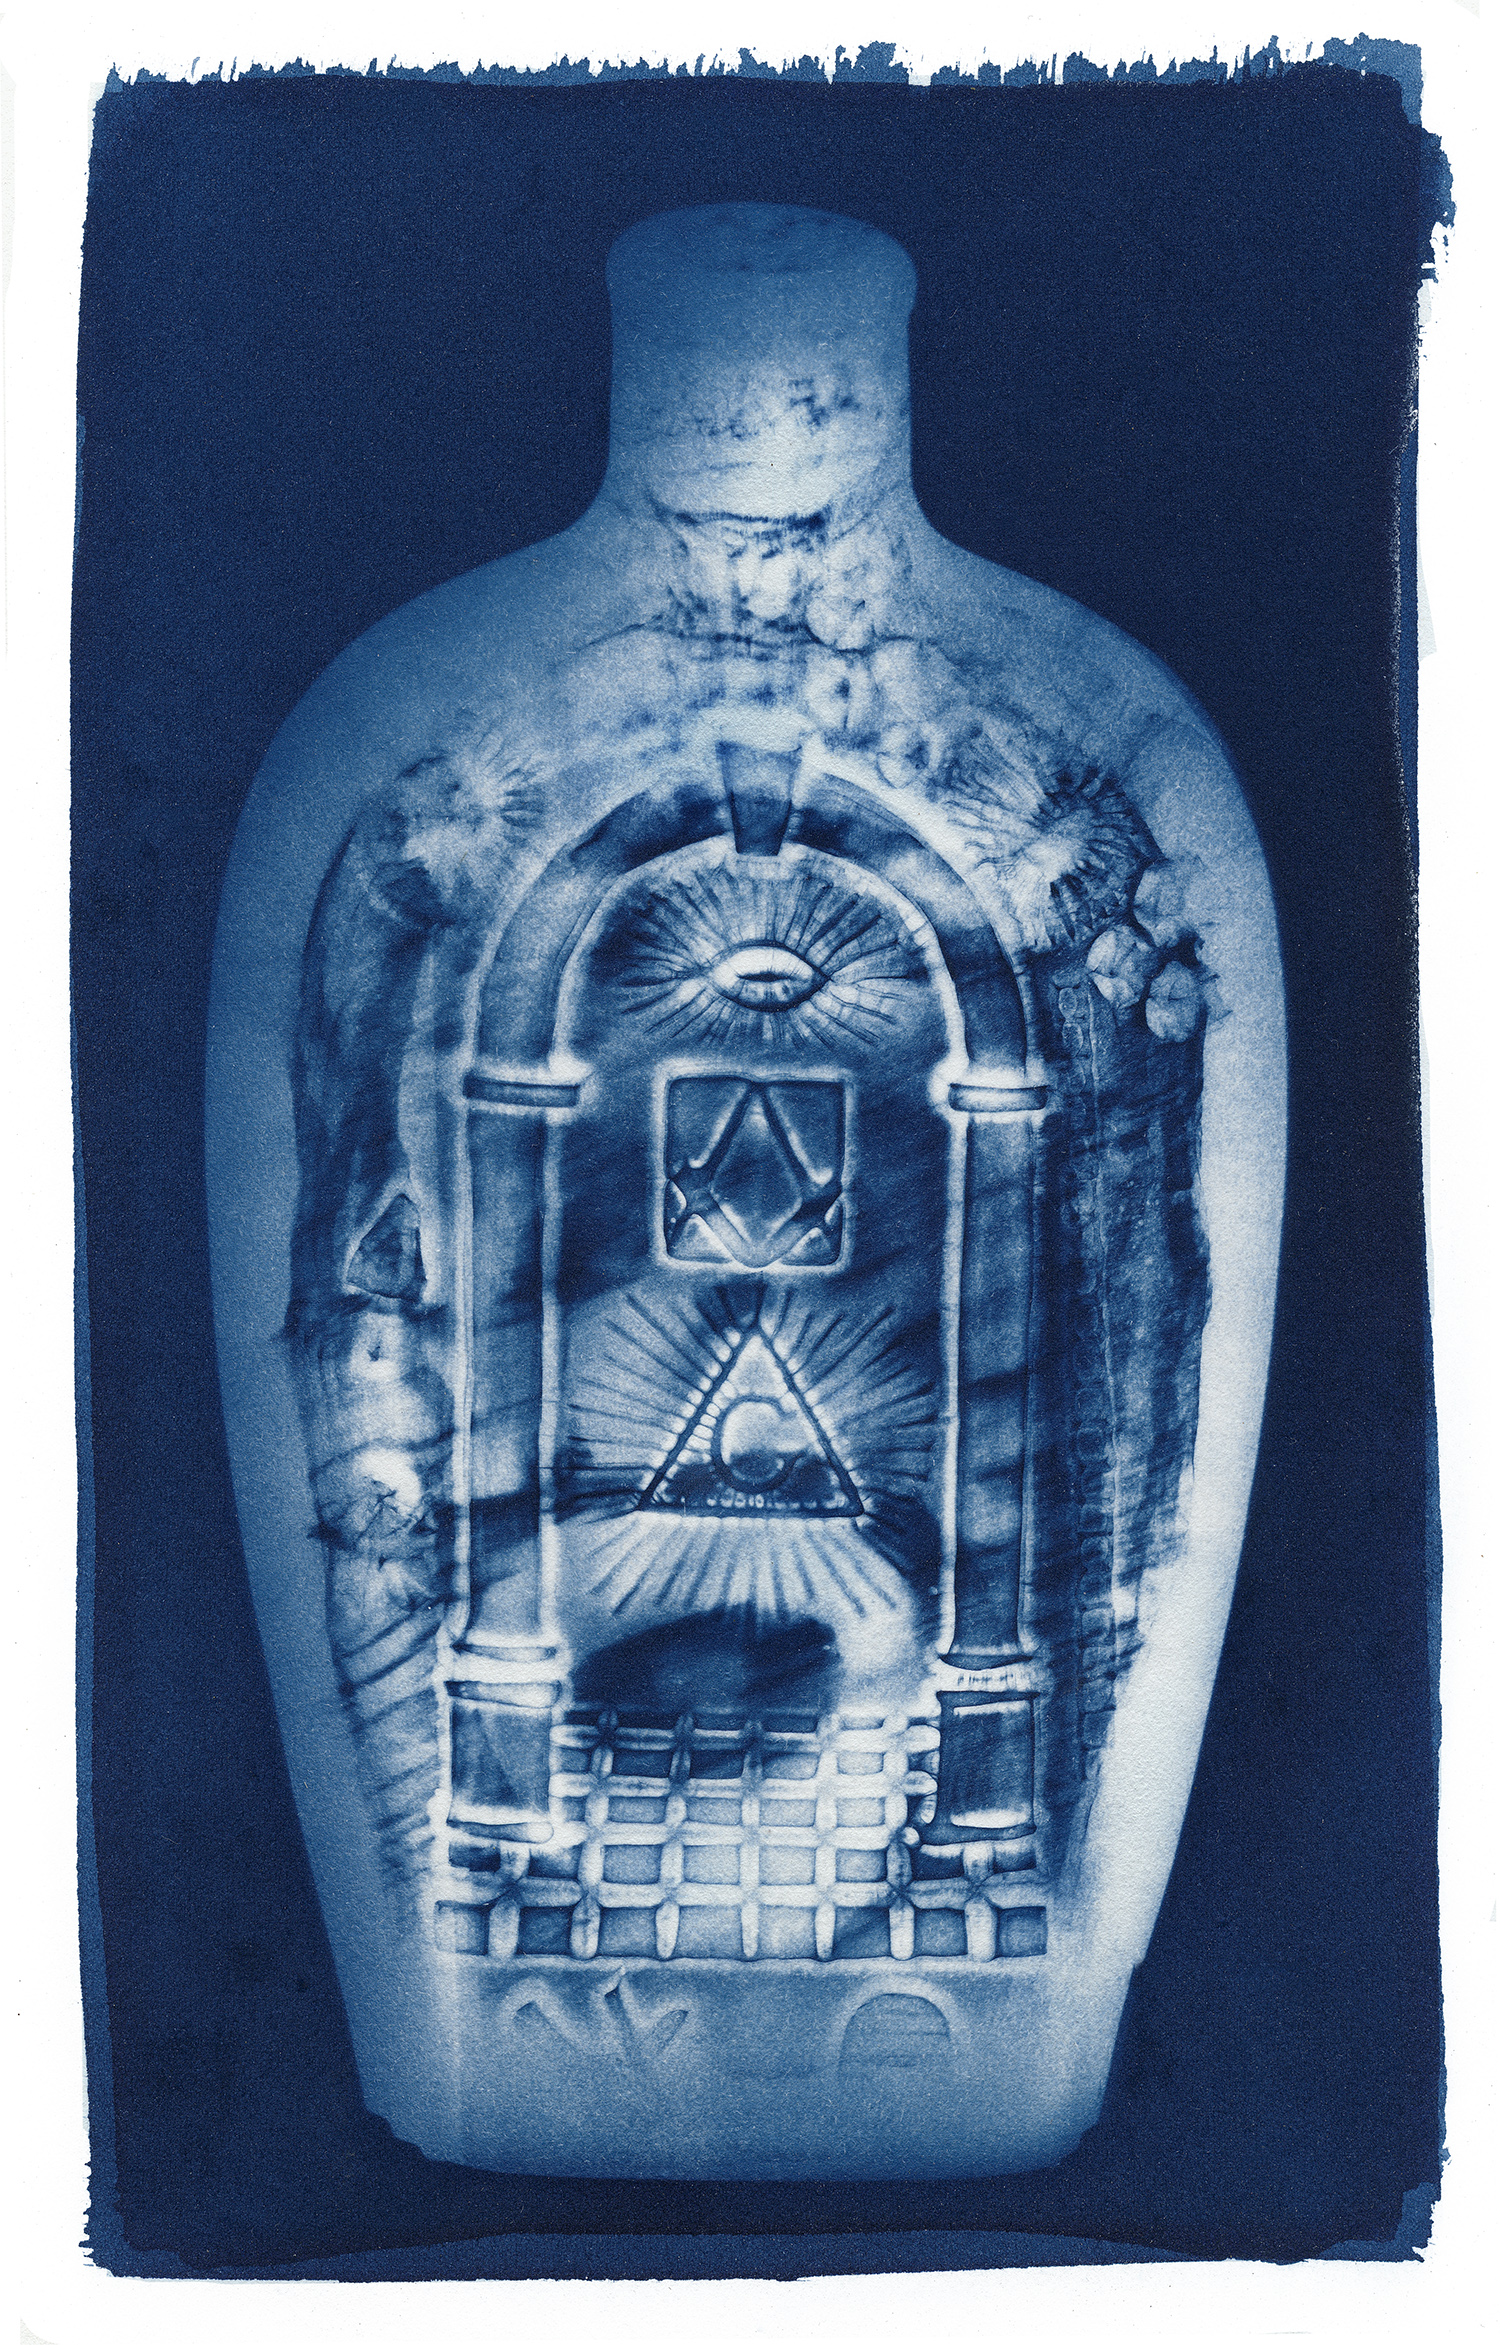 Freemason Bottle, 2011